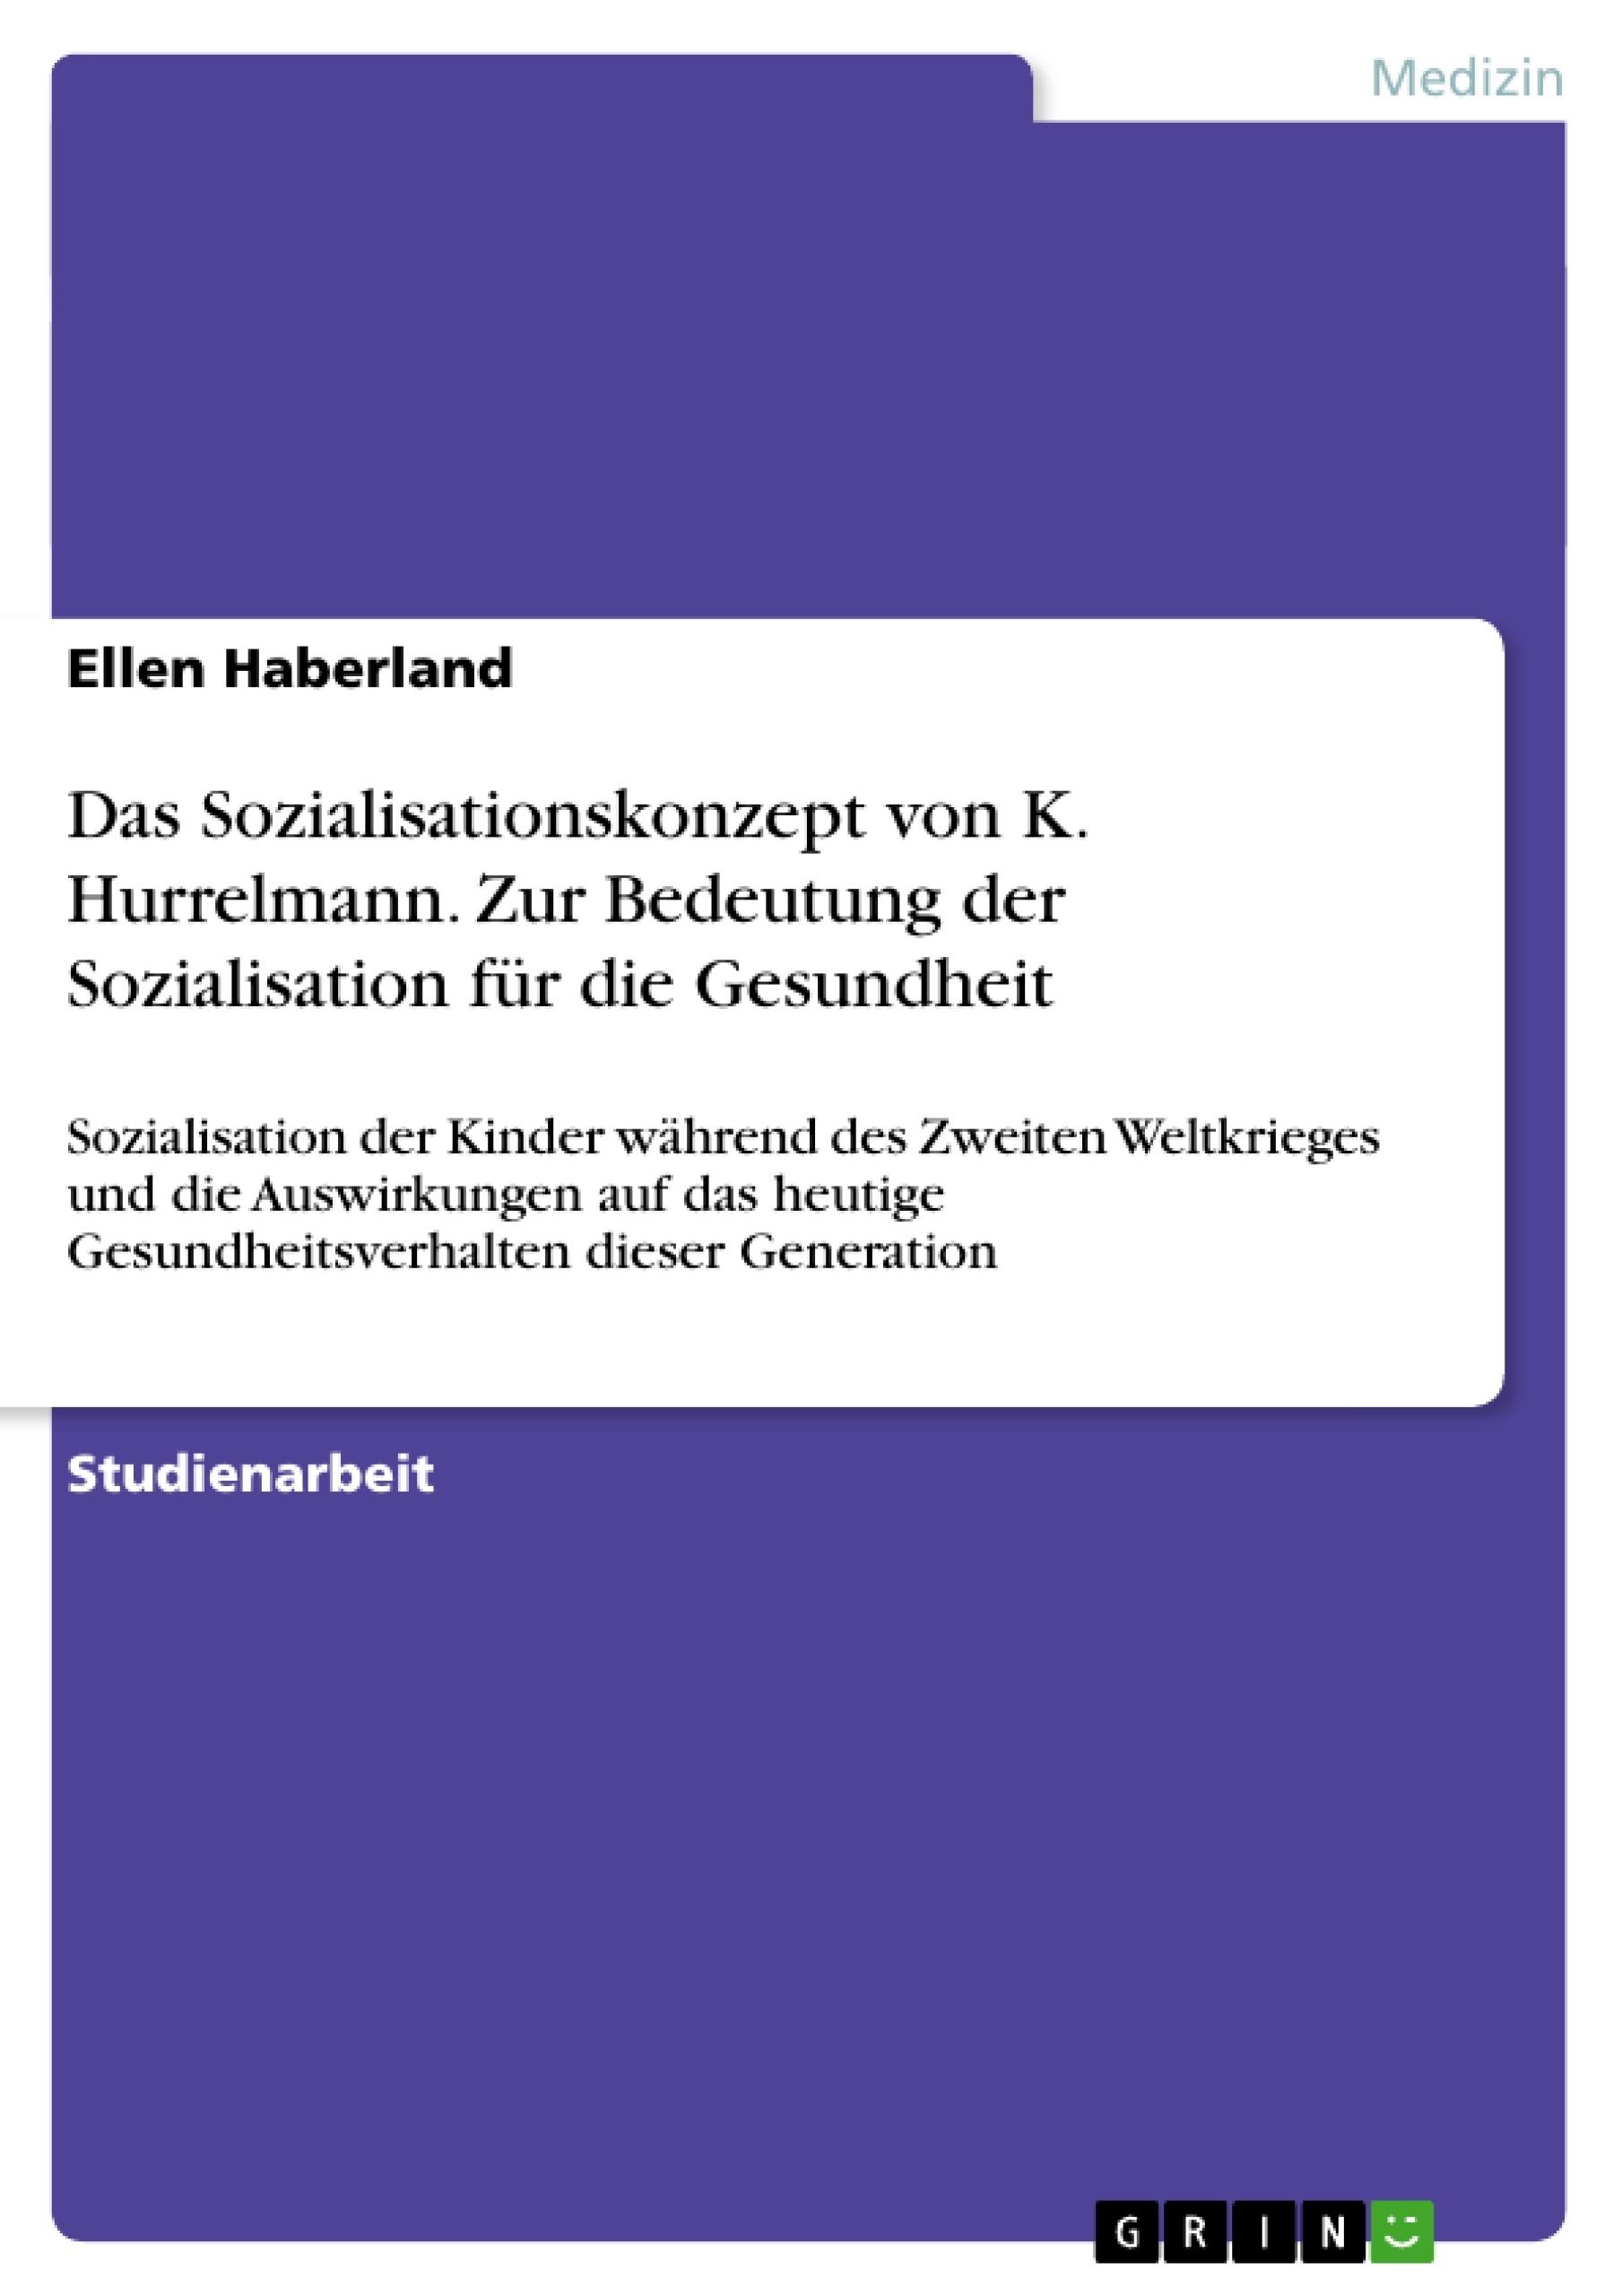 Titel: Das Sozialisationskonzept von K. Hurrelmann. Zur Bedeutung der Sozialisation für die Gesundheit